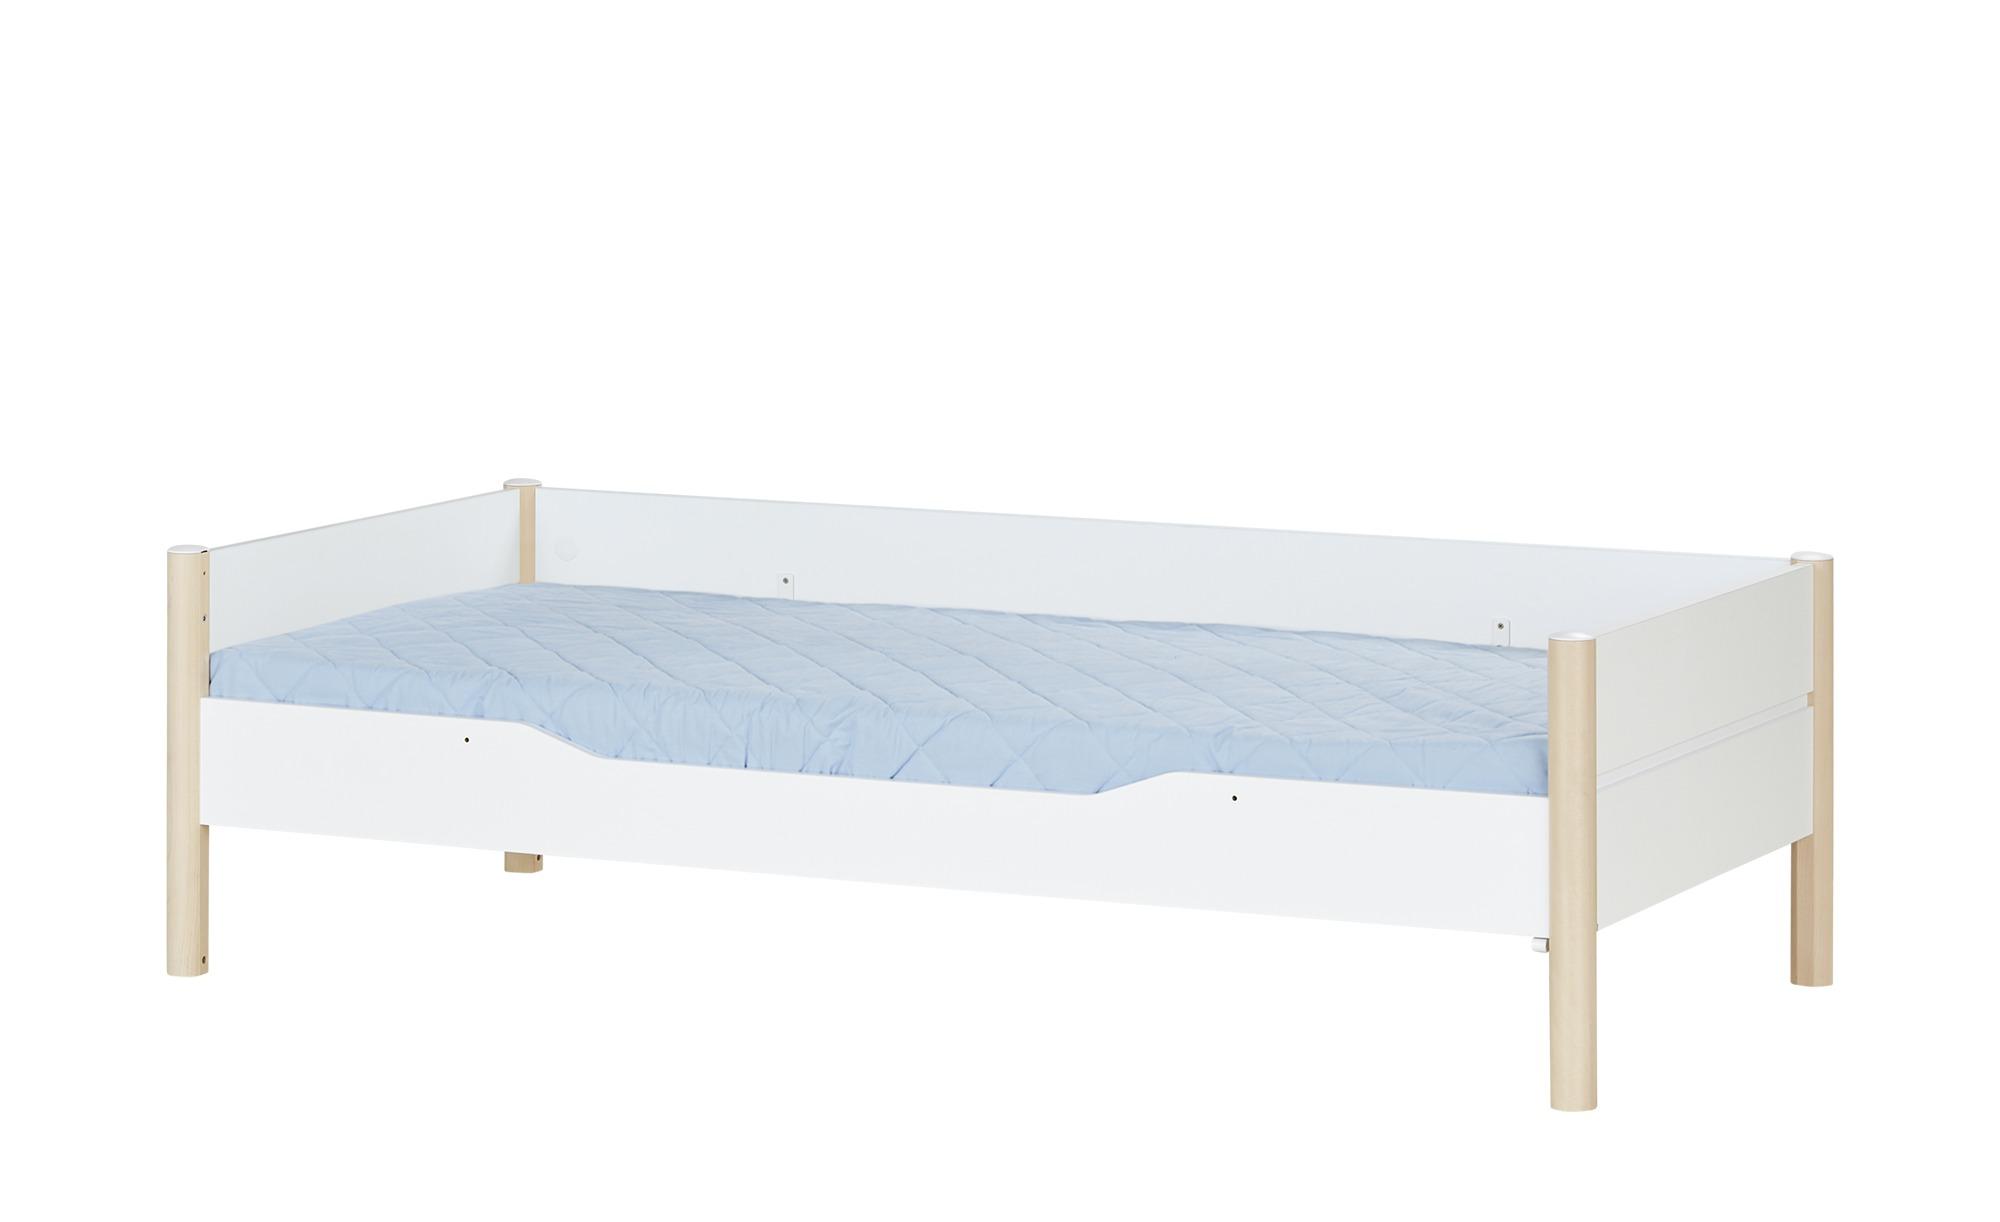 Full Size of Paidi Bett Spielbett 90x200 Wei Ylvie Mbel Hffner Ohne Füße Mit Hohem Kopfteil Dico Betten Unterbett Ikea 160x200 Billige Schubladen Weiß Ausklappbares Bett Paidi Bett